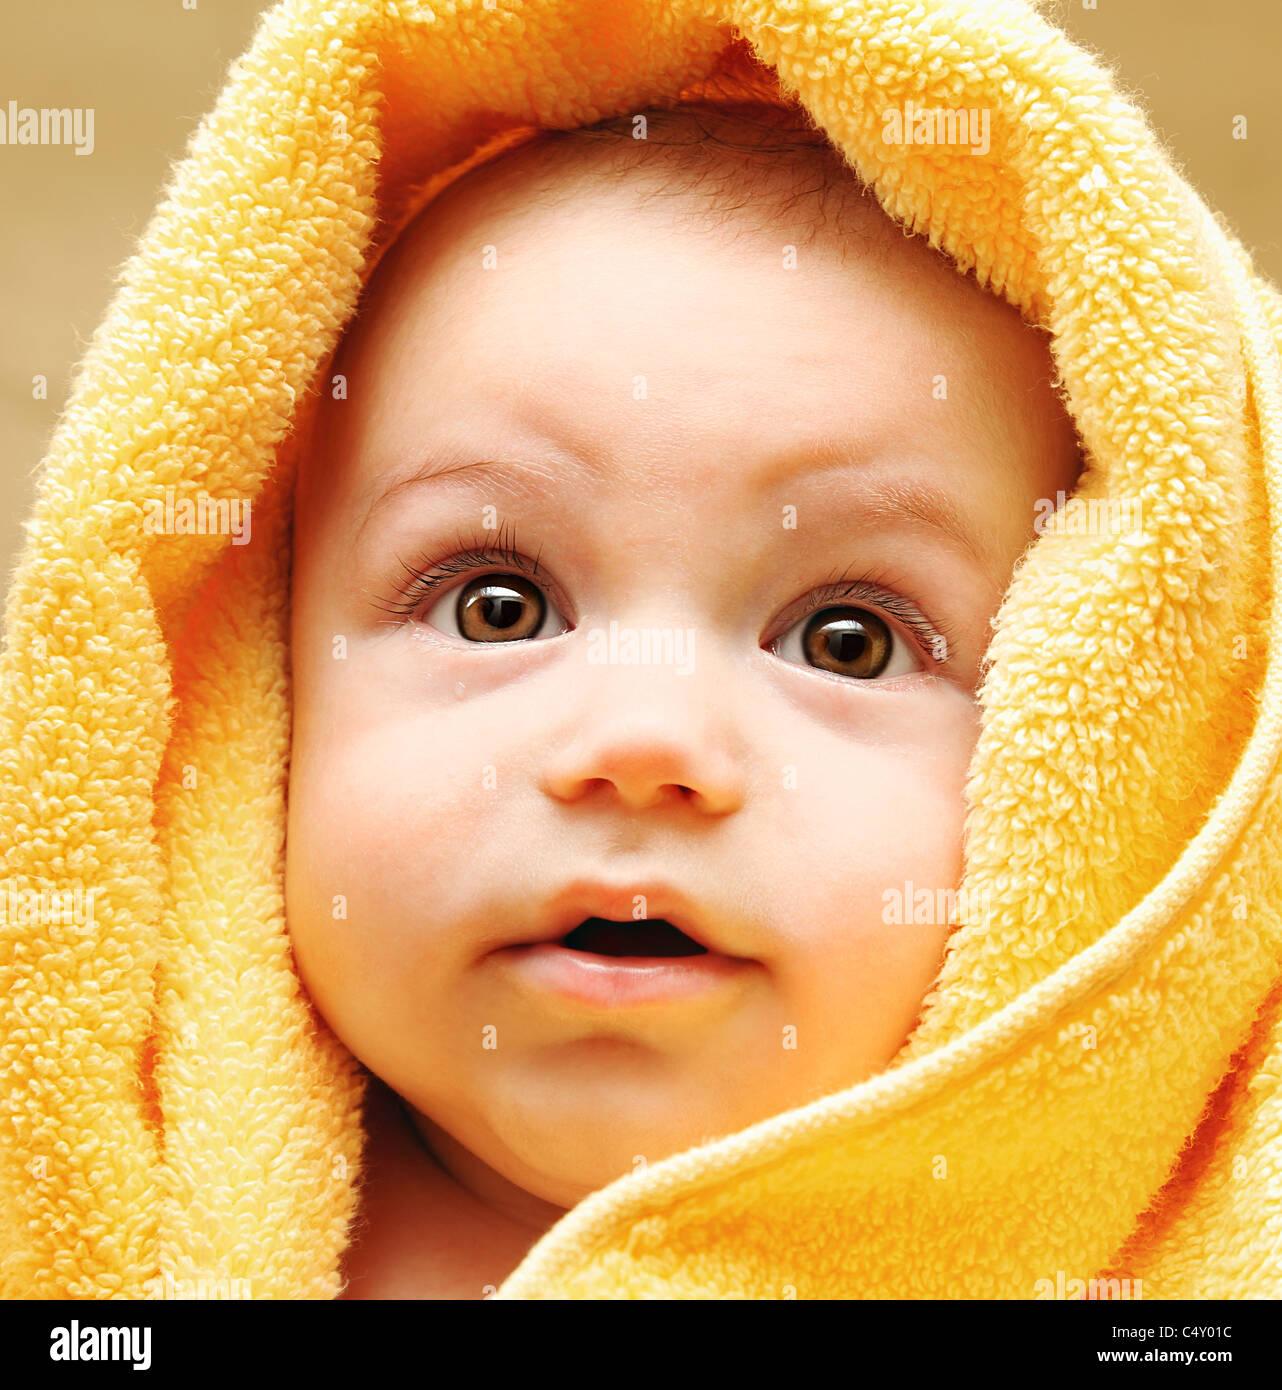 Lindo bebé cara envuelta en una toalla, higiene y salud concepto Imagen De Stock